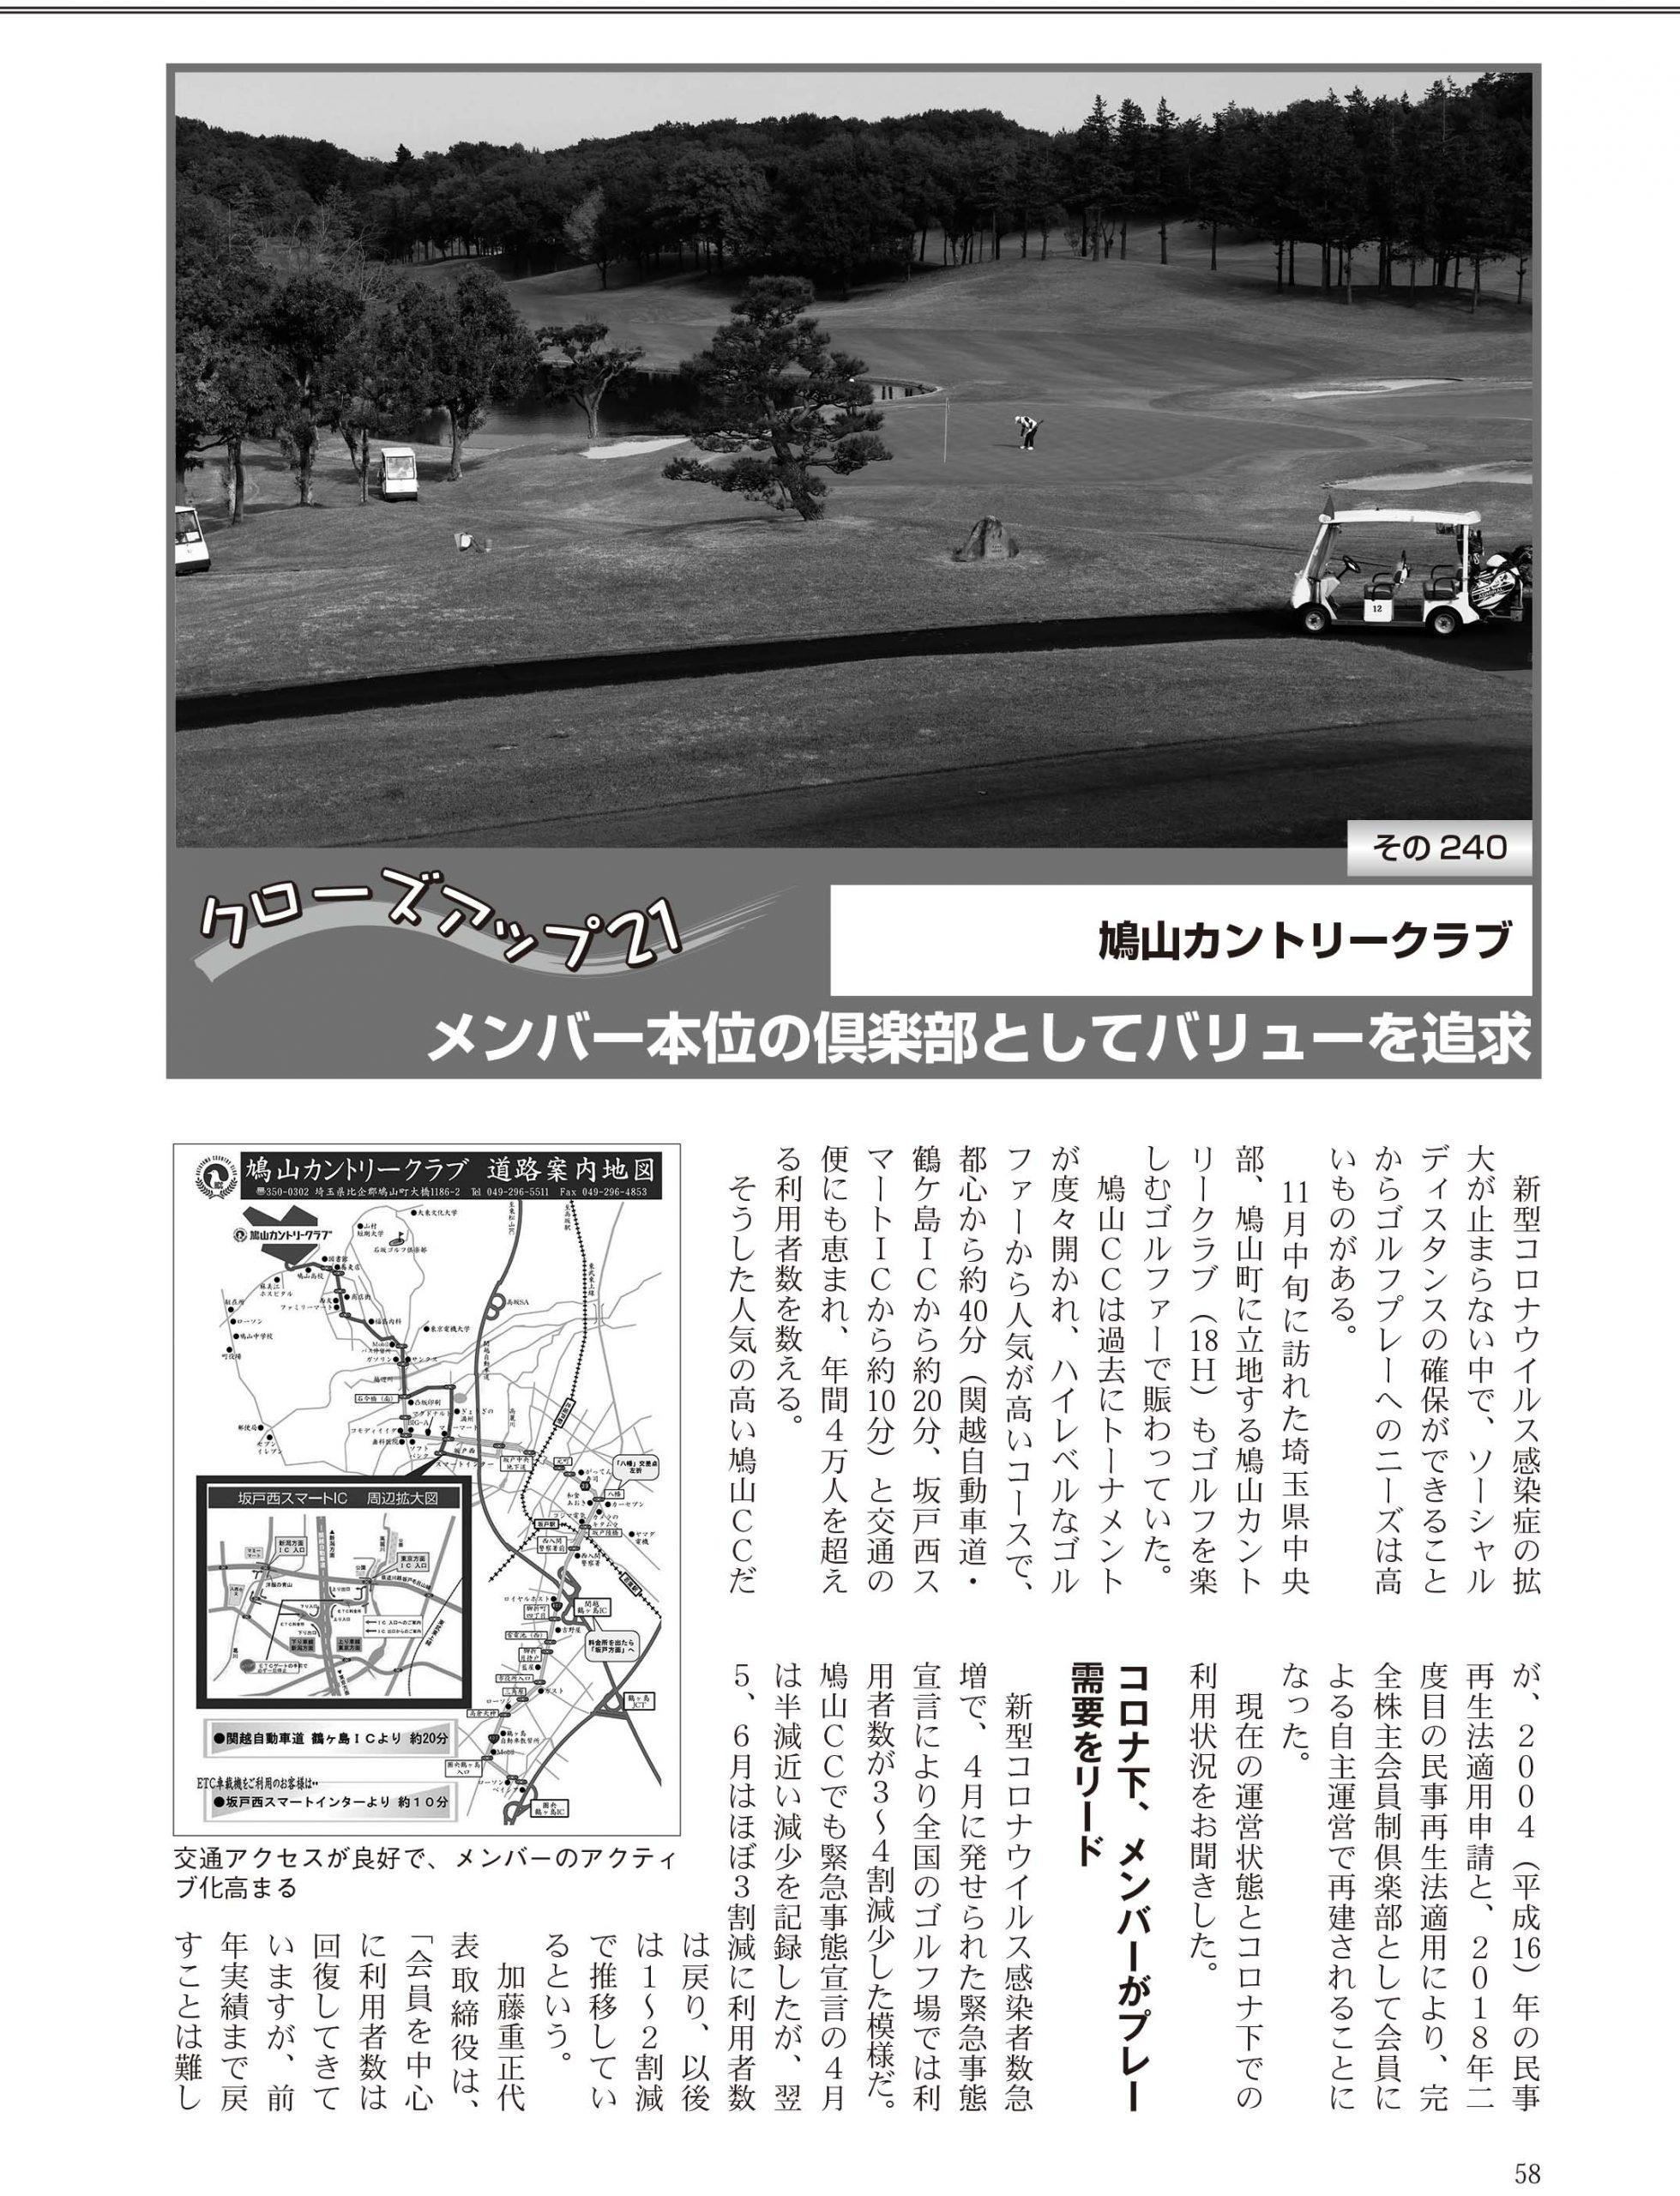 ゴルフマネジメント誌に掲載されました